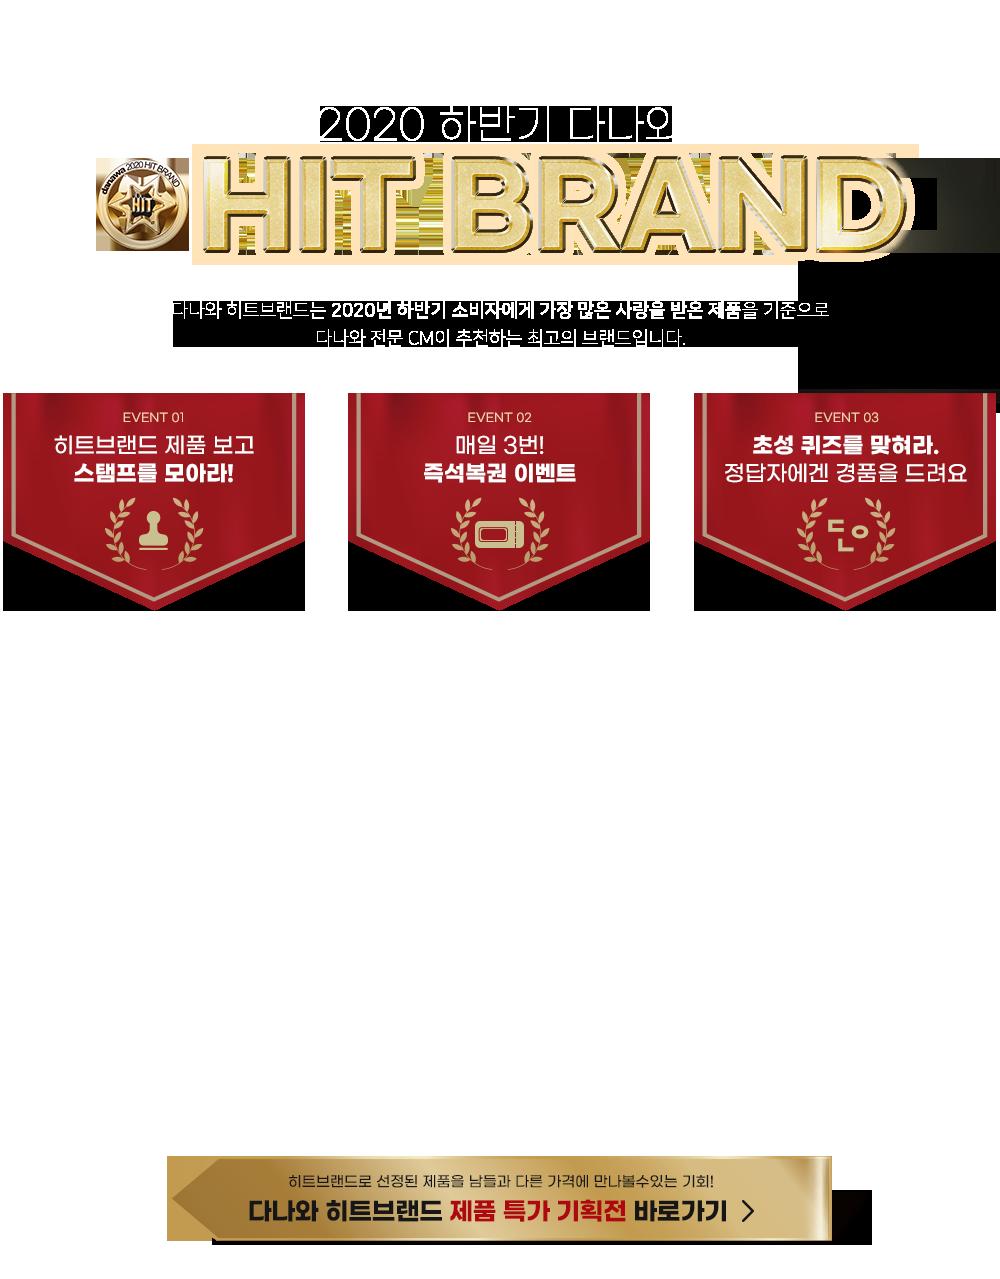 다나와 히트브랜드는 2020년 하반기 소비자에게 가장 많은 사랑을 받은 제품을 기준으로 다나와 전문 CM이 추천하는 최고의 브랜드입니다.